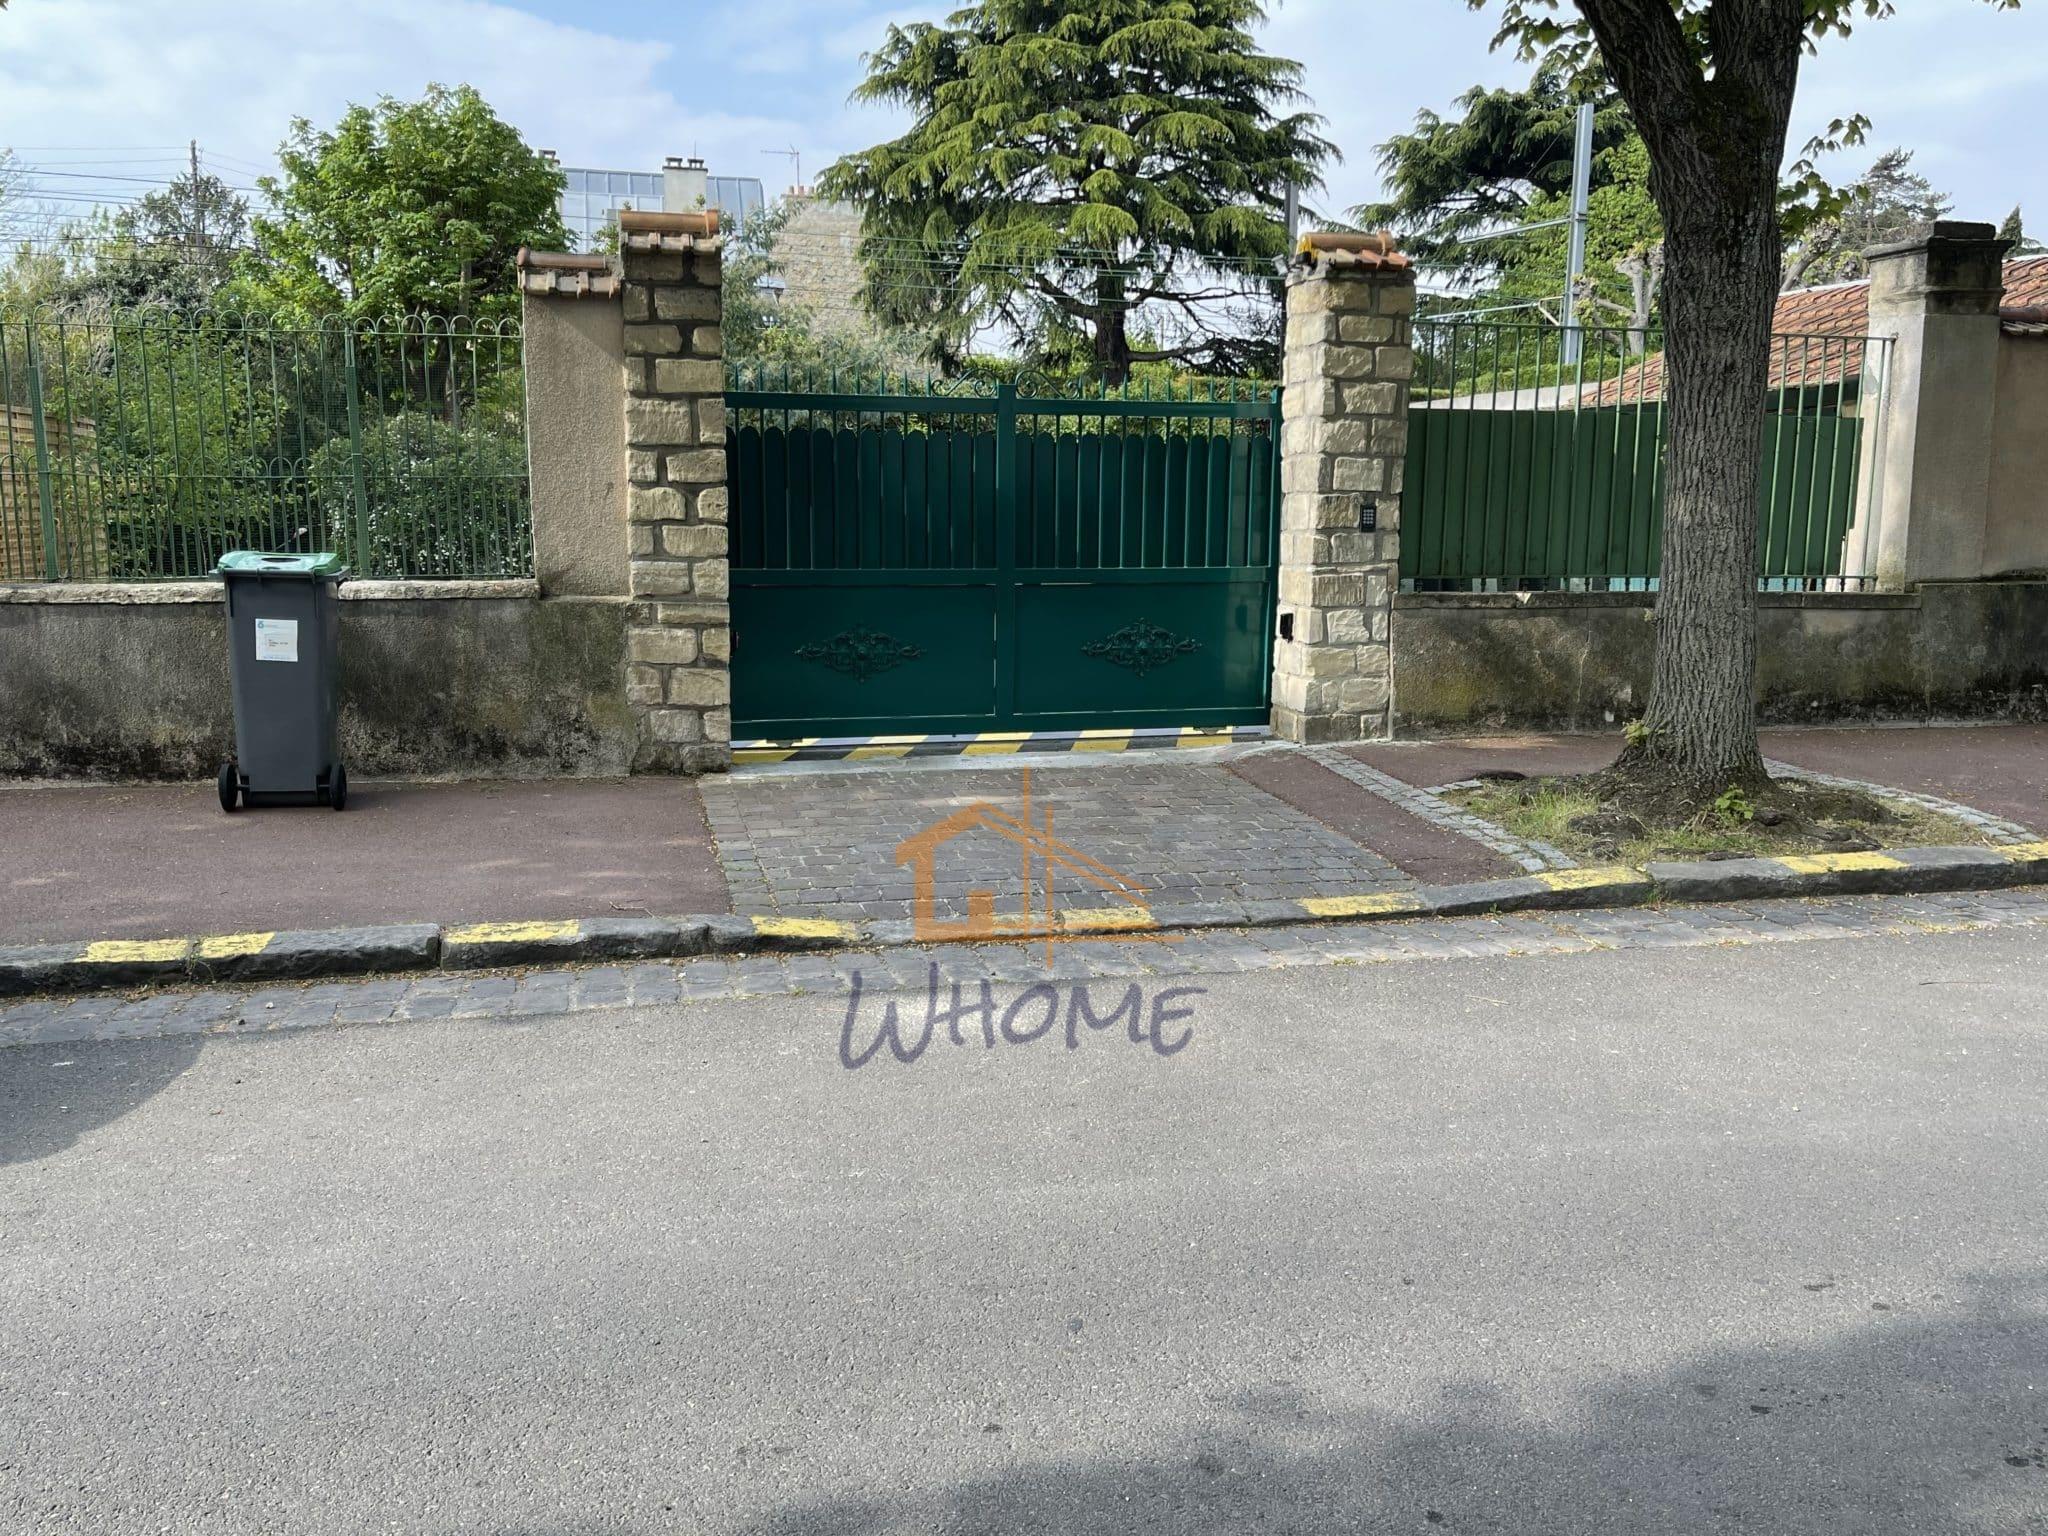 Avant-portail-chatou